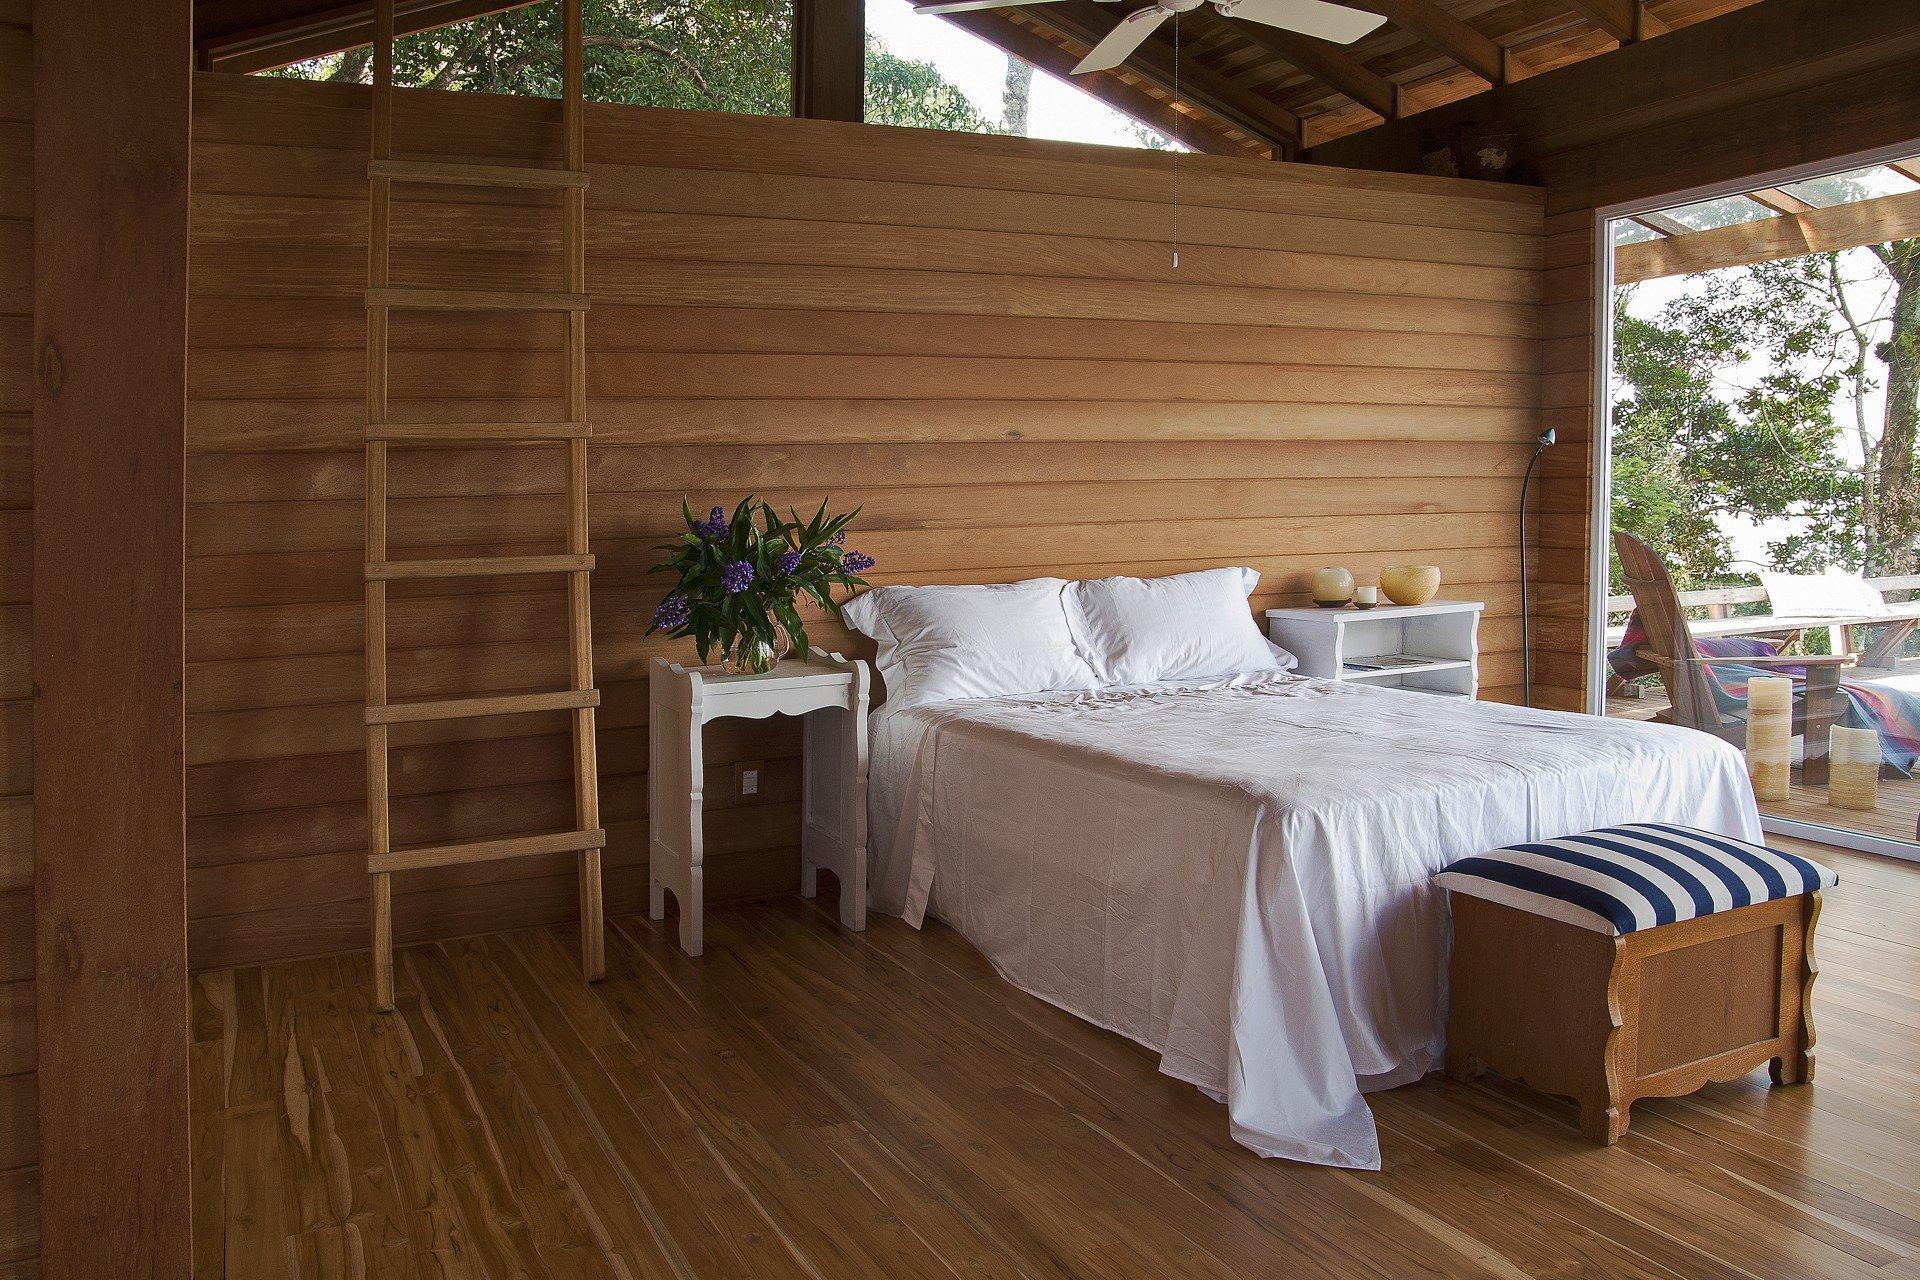 decoracao de interiores sao joao da madeira:em madeira nobre, o conforto e aconchego são um convite para